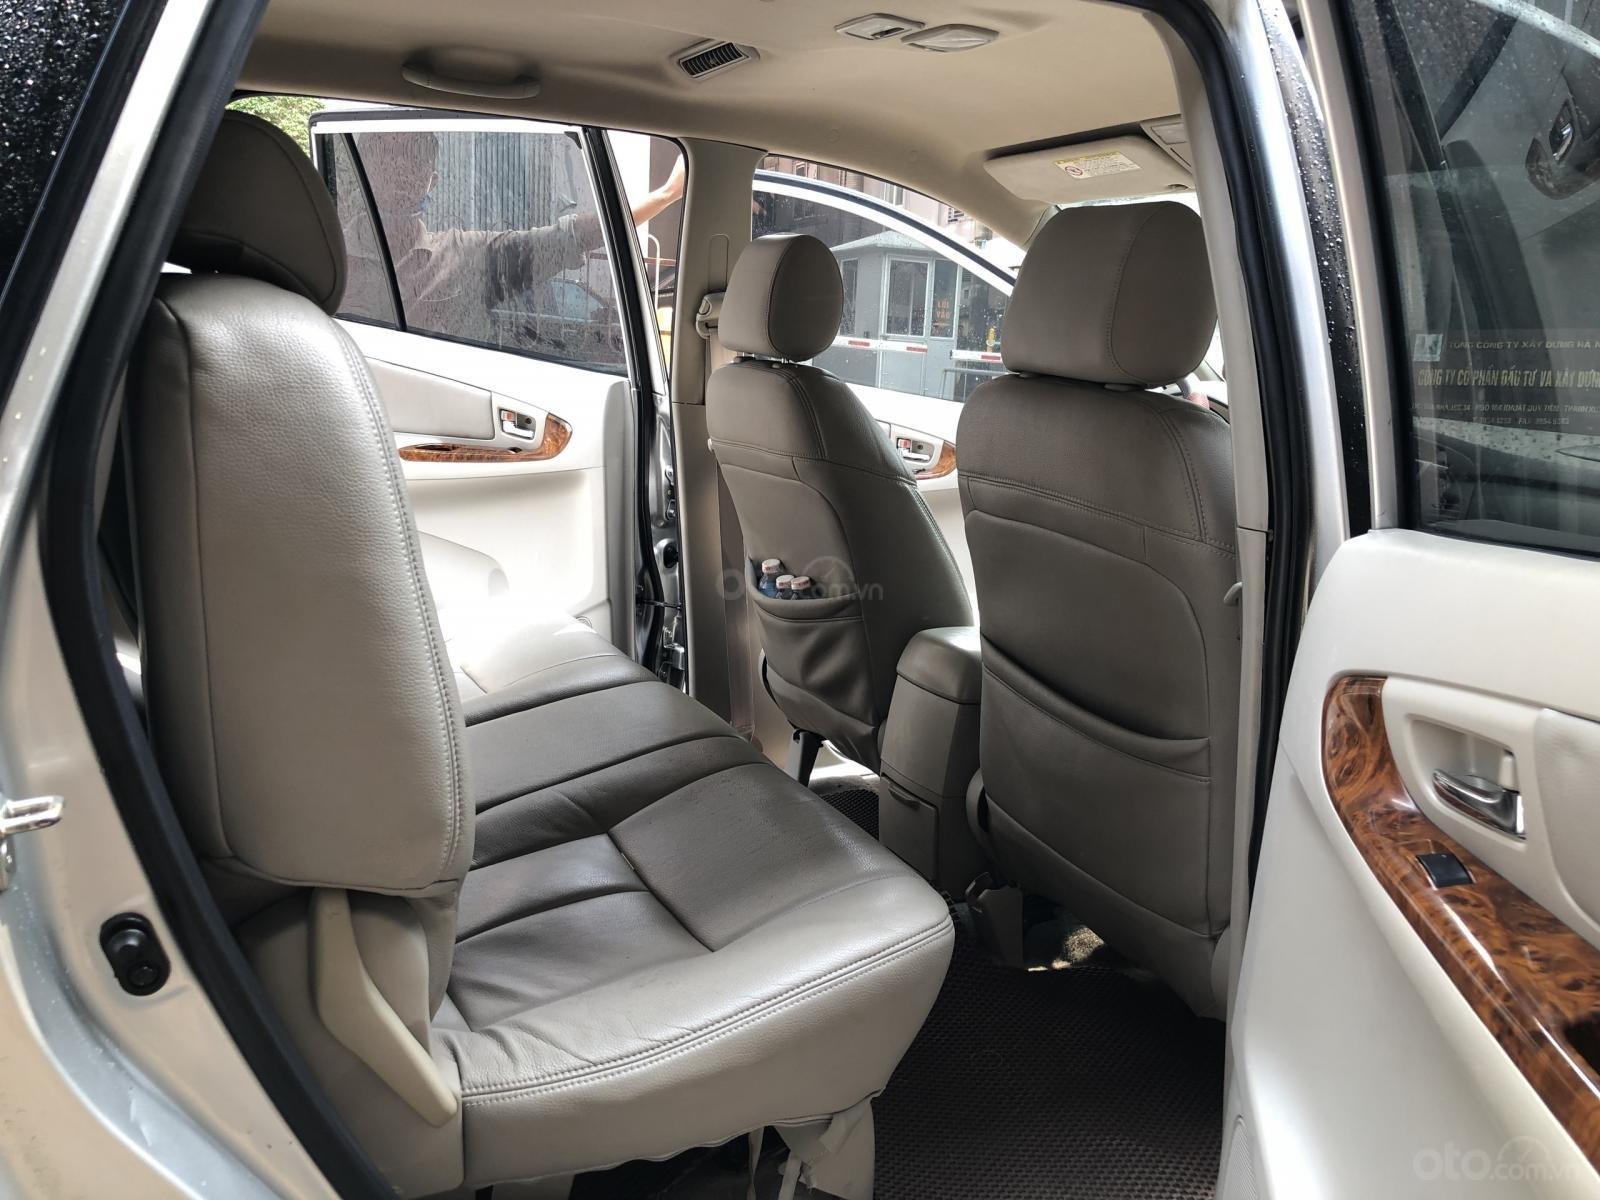 Long Auto bán xe Toyota Innova đời 2012 số tự động bản G giá 410tr (8)